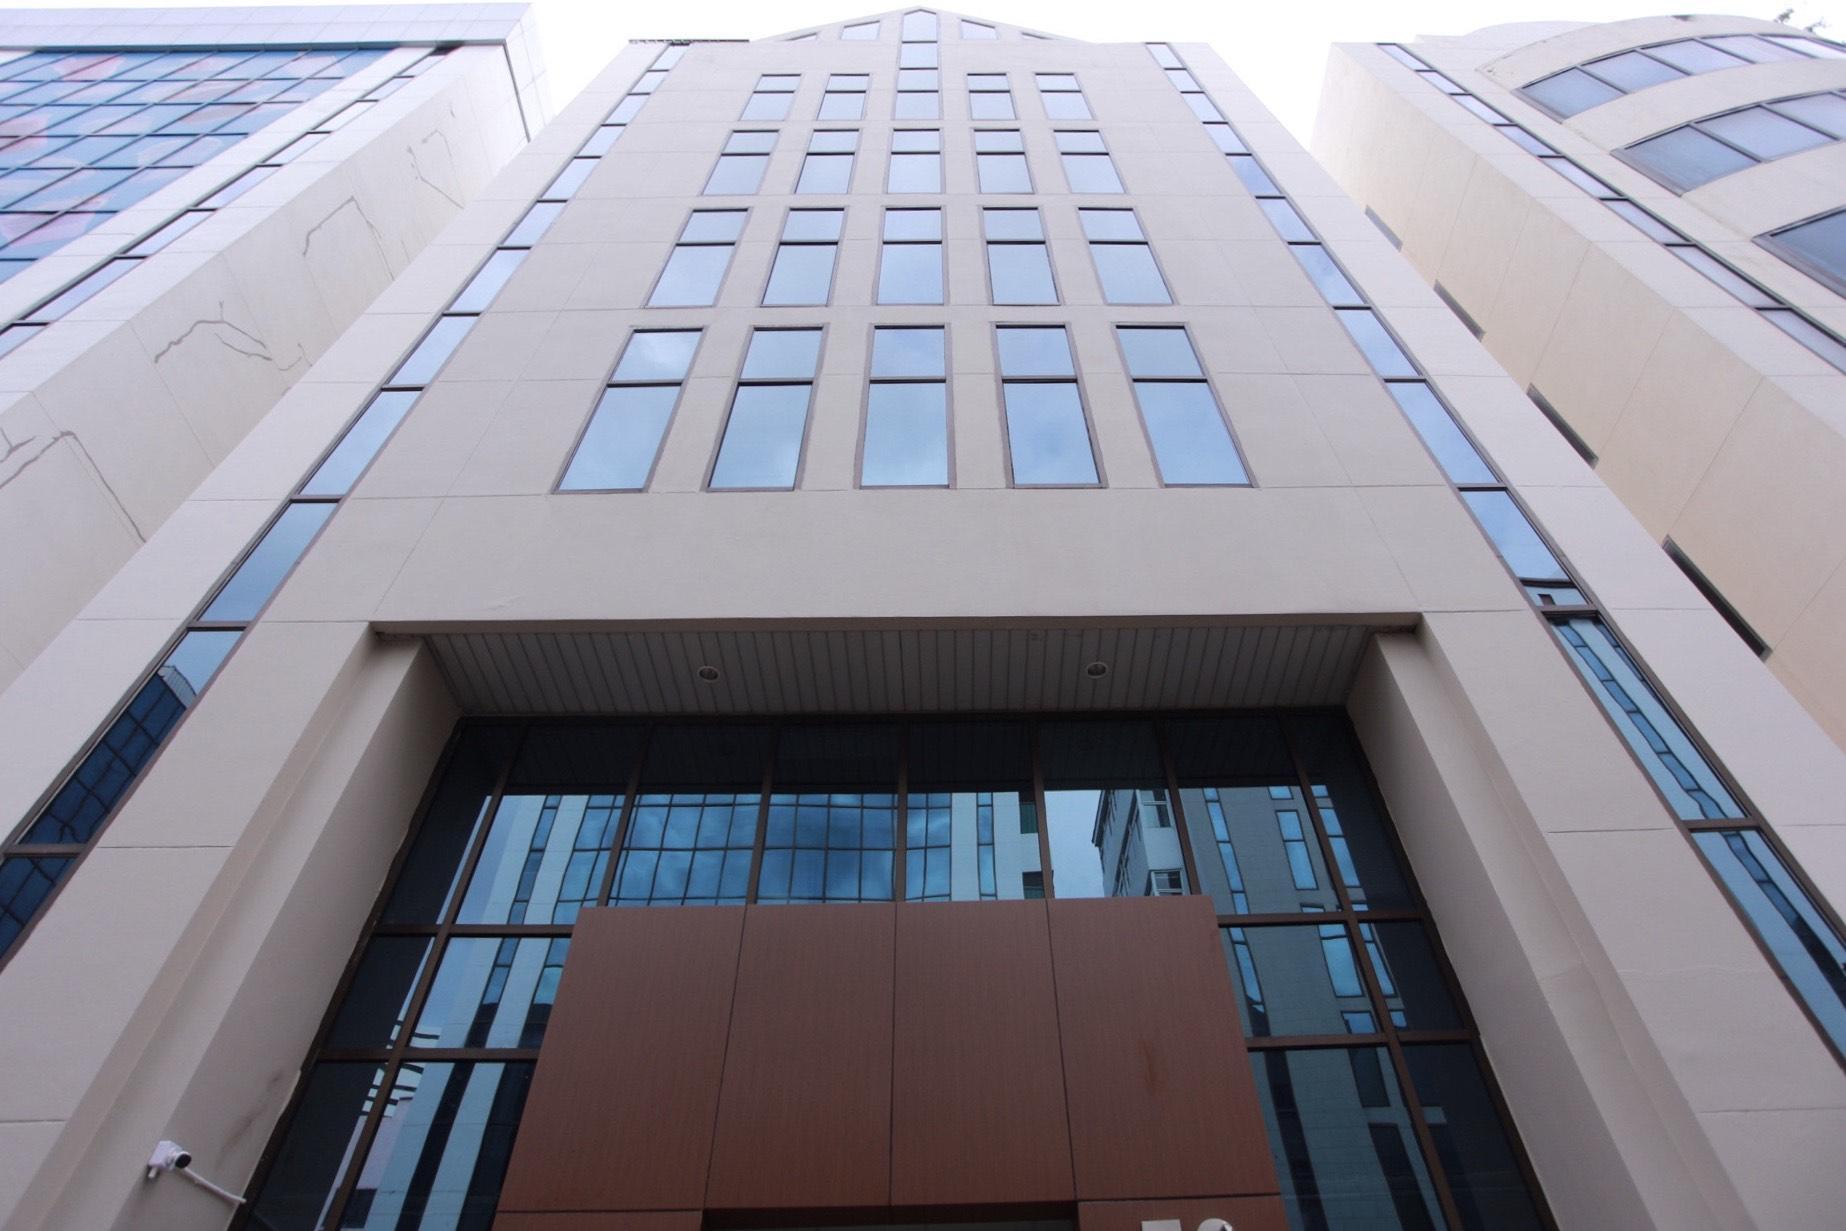 เช่าเดือนละ 32,000 บาท!! ออฟฟิศให้เช่าทั้ง floor พร้อม ลิฟท์แบบ private